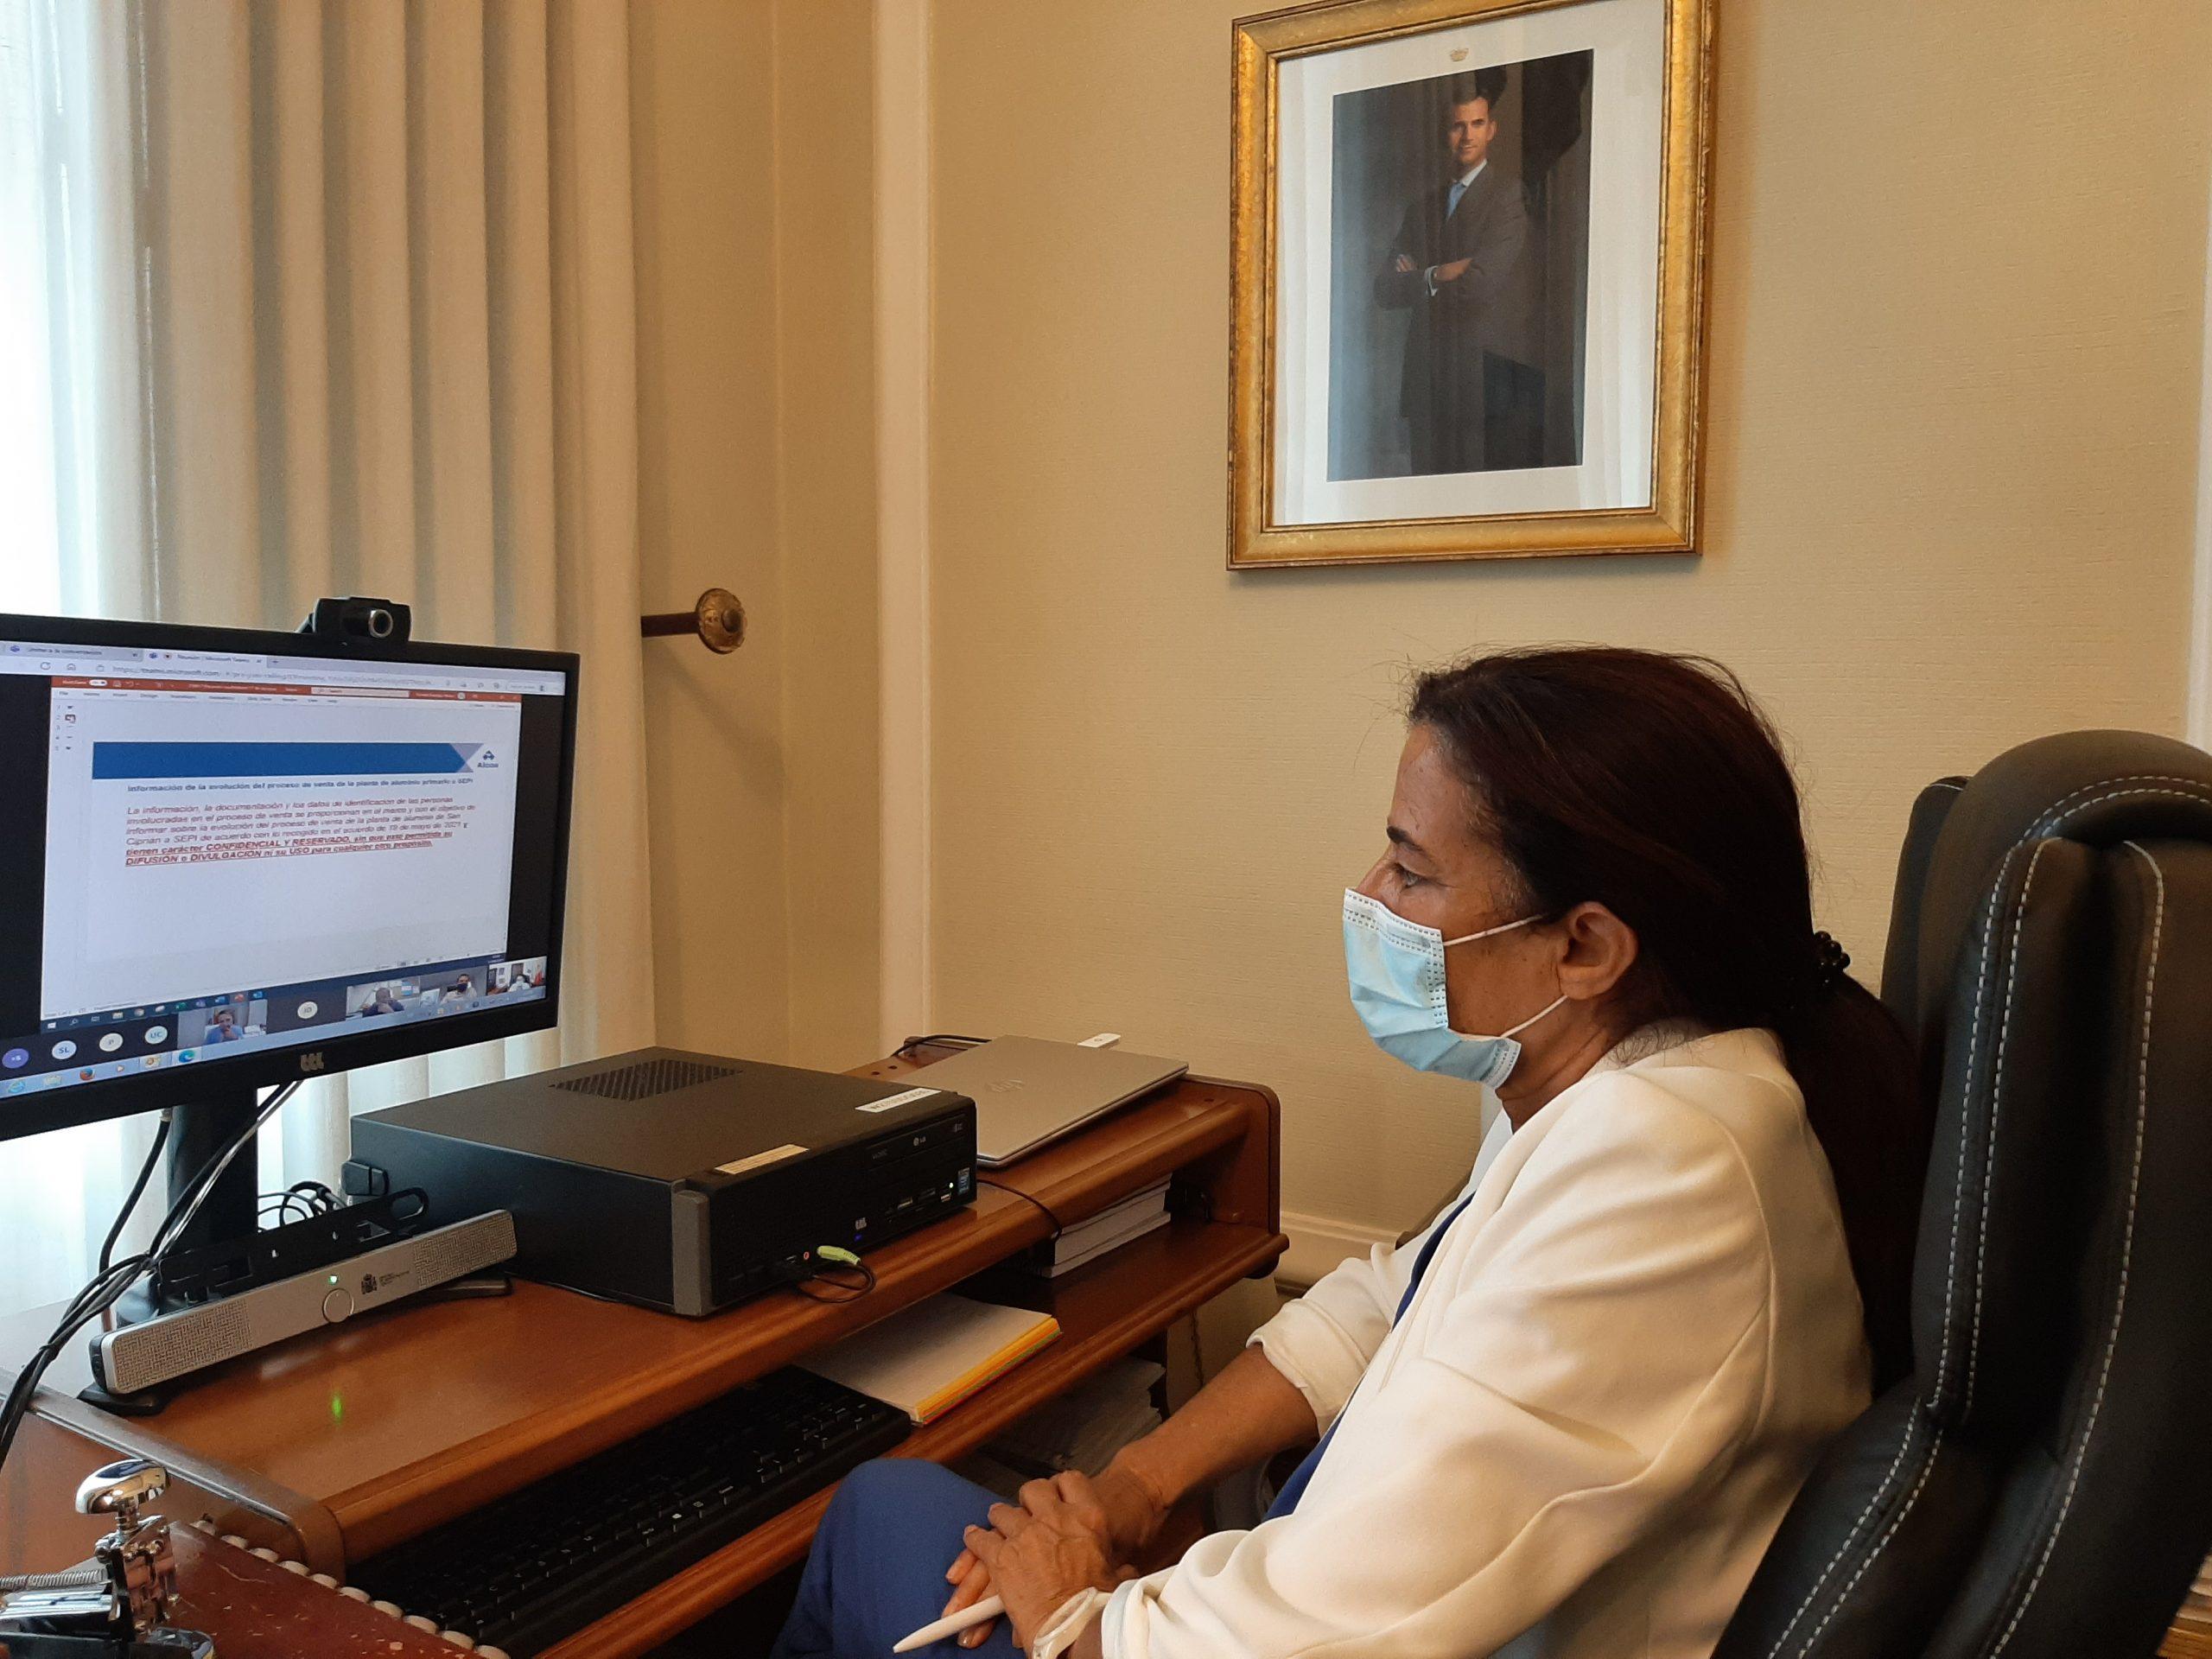 Isabel Rodríguez subliña que as iniciativas do Goberno en materia de conectividade chegaron a máis de 300.000 vivendas en Galicia con 93M€ dende 2018